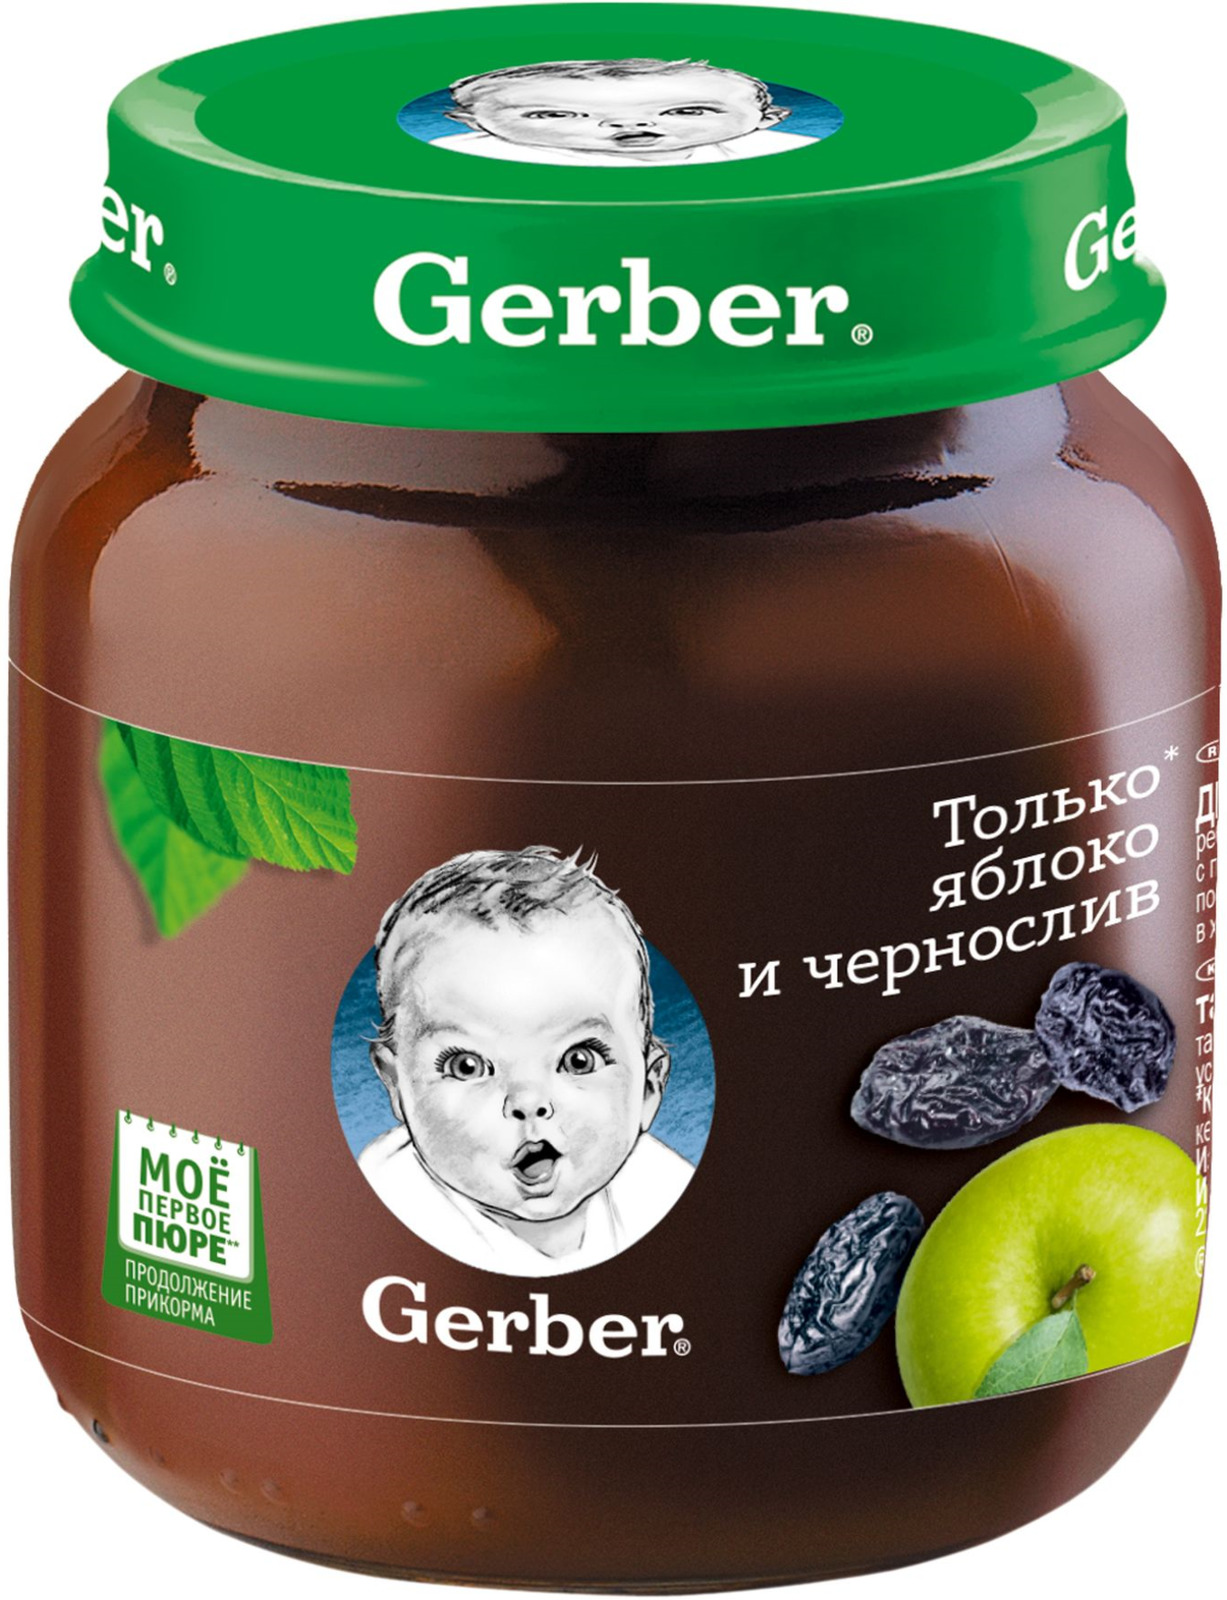 Gerber пюре яблоко и чернослив, 130 г